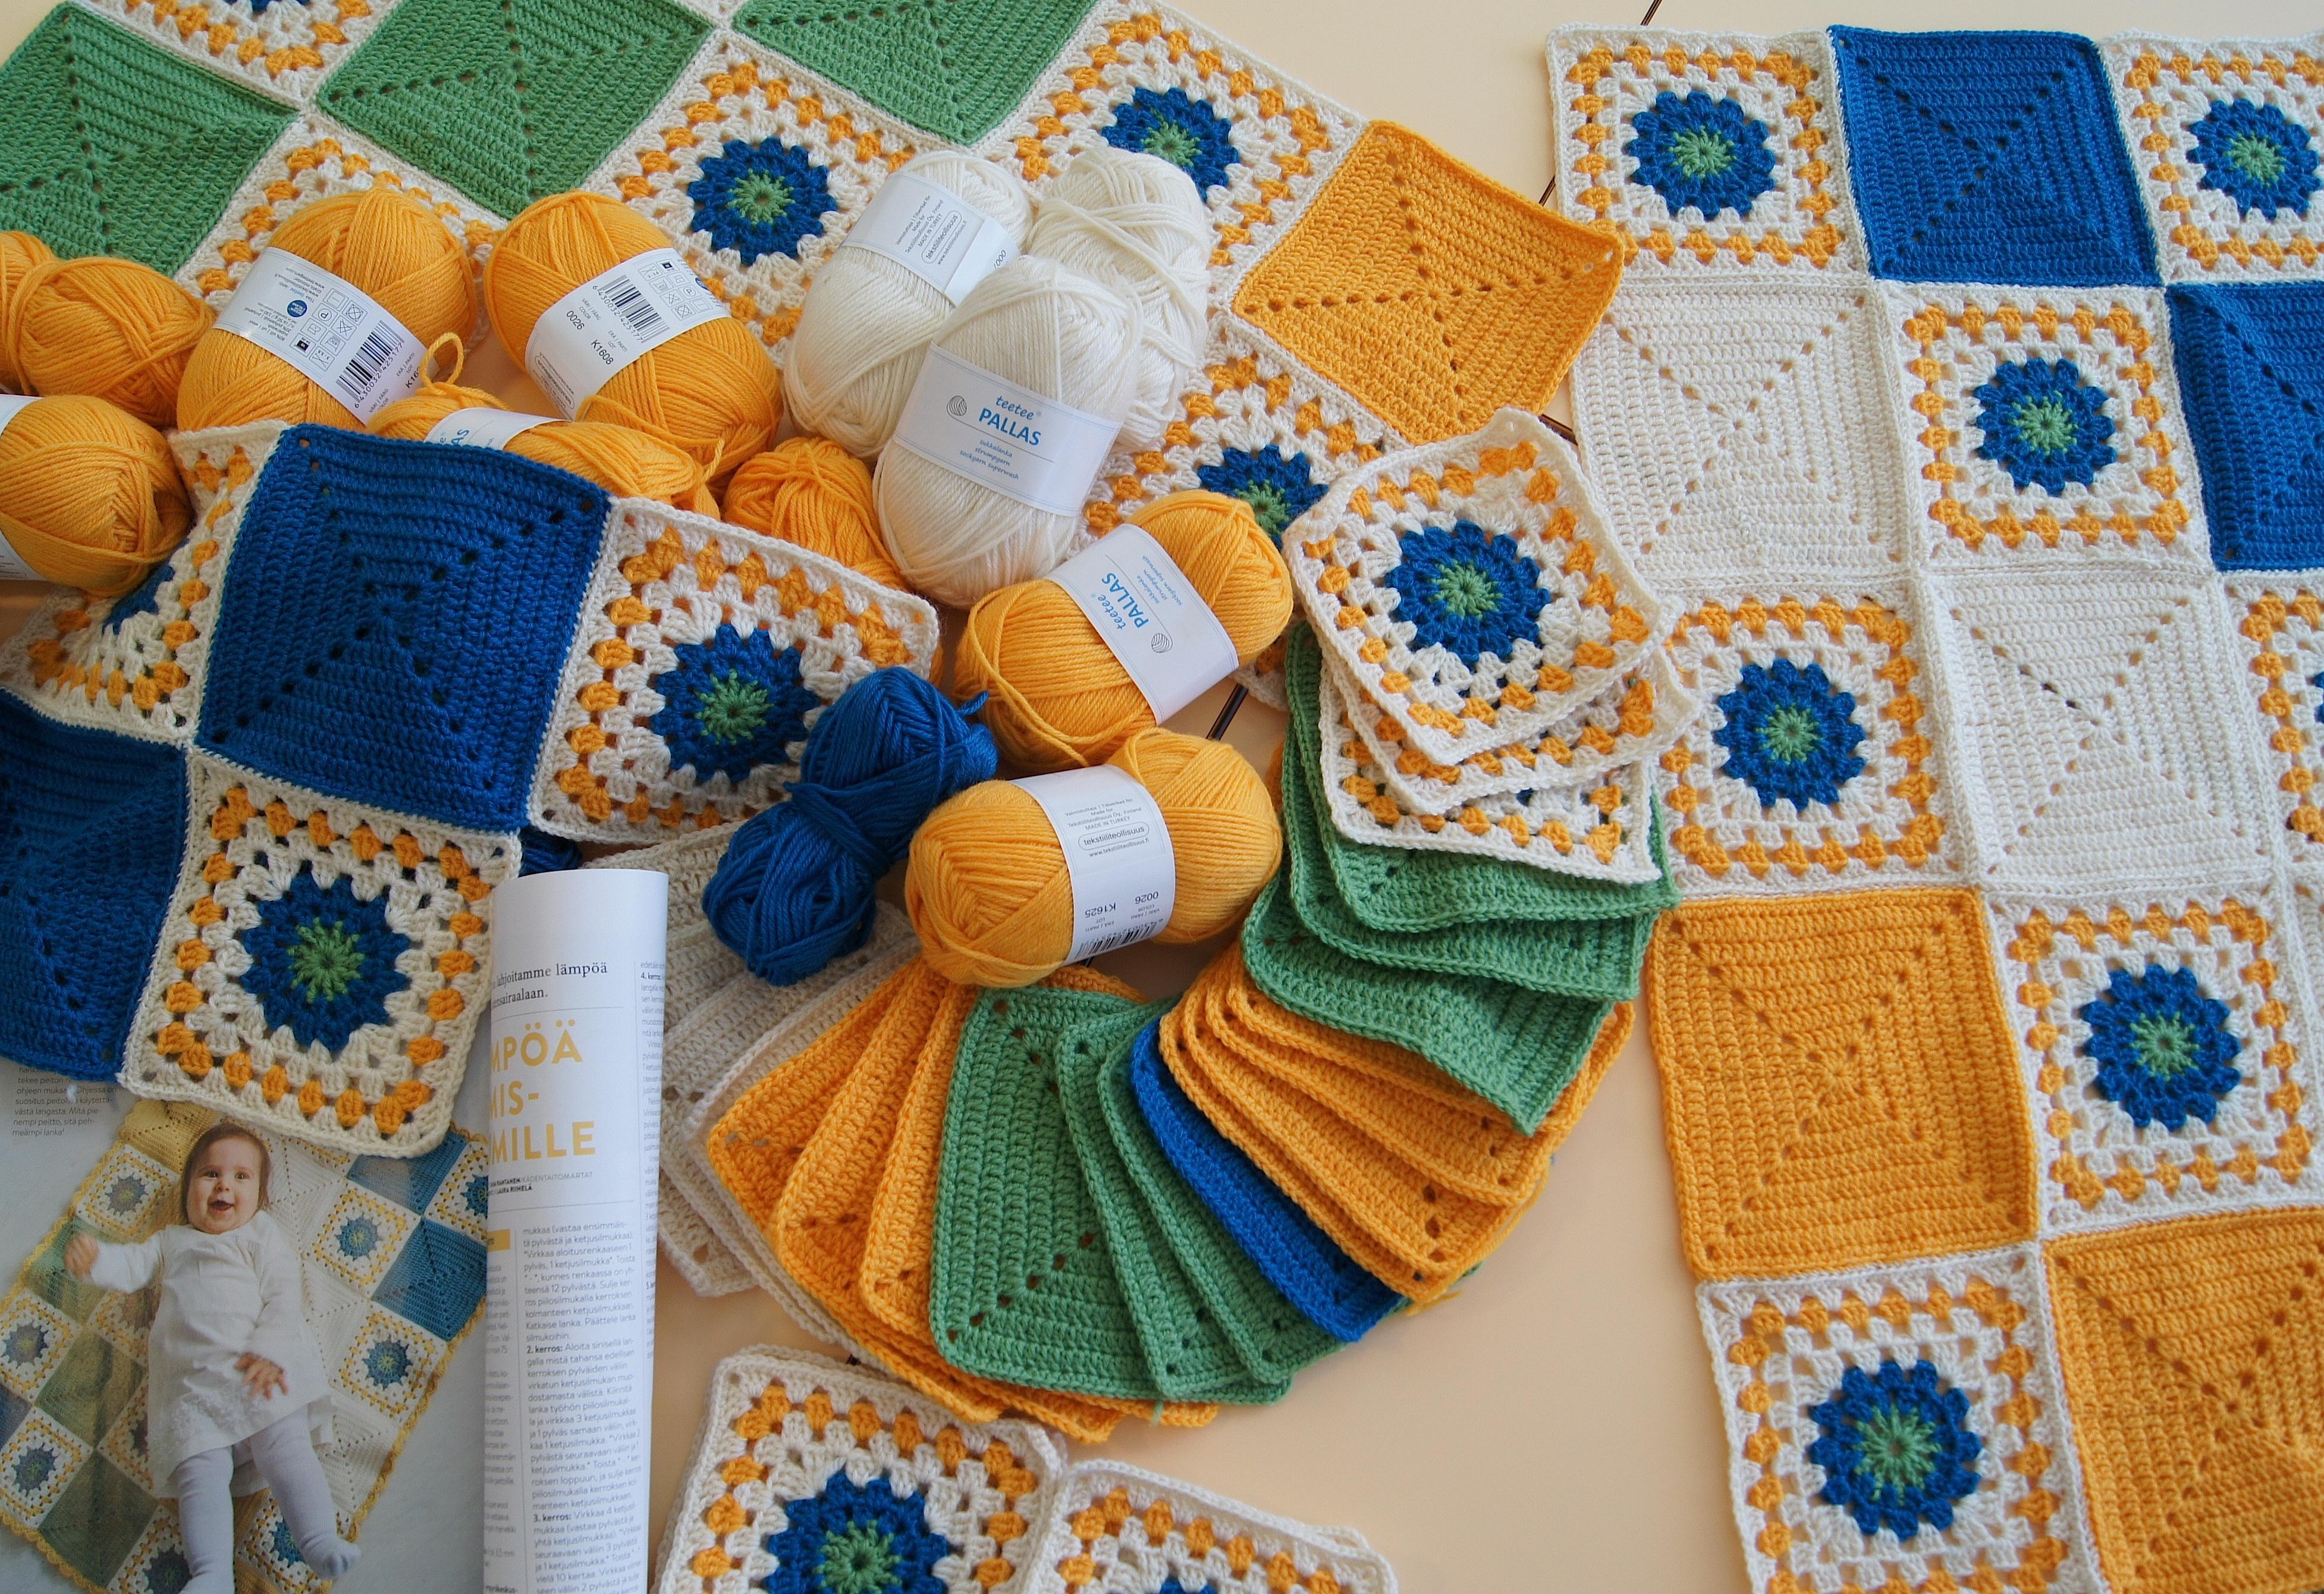 Martat-lehden sivuilla olleen ohjeen mukaisesti valmistetut vauvanpeitot kootaan virkatuista neliöistä. Toinen neliöistä on muunnos isoäidinneliöstä ja toinen on yksivärinen, pylväistä koostuva neliö.